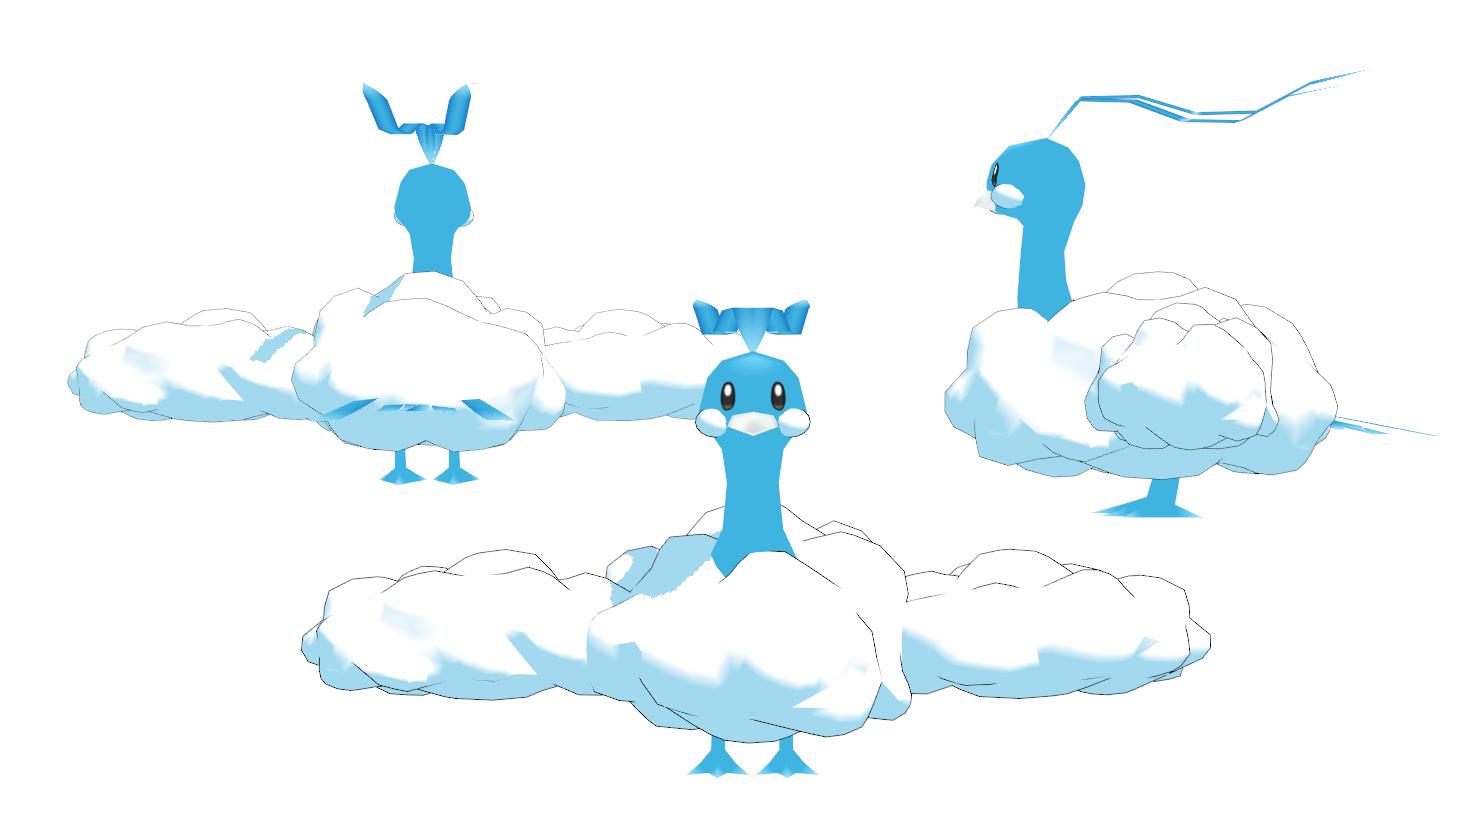 Altaria - Pokemon MMD Unrigged